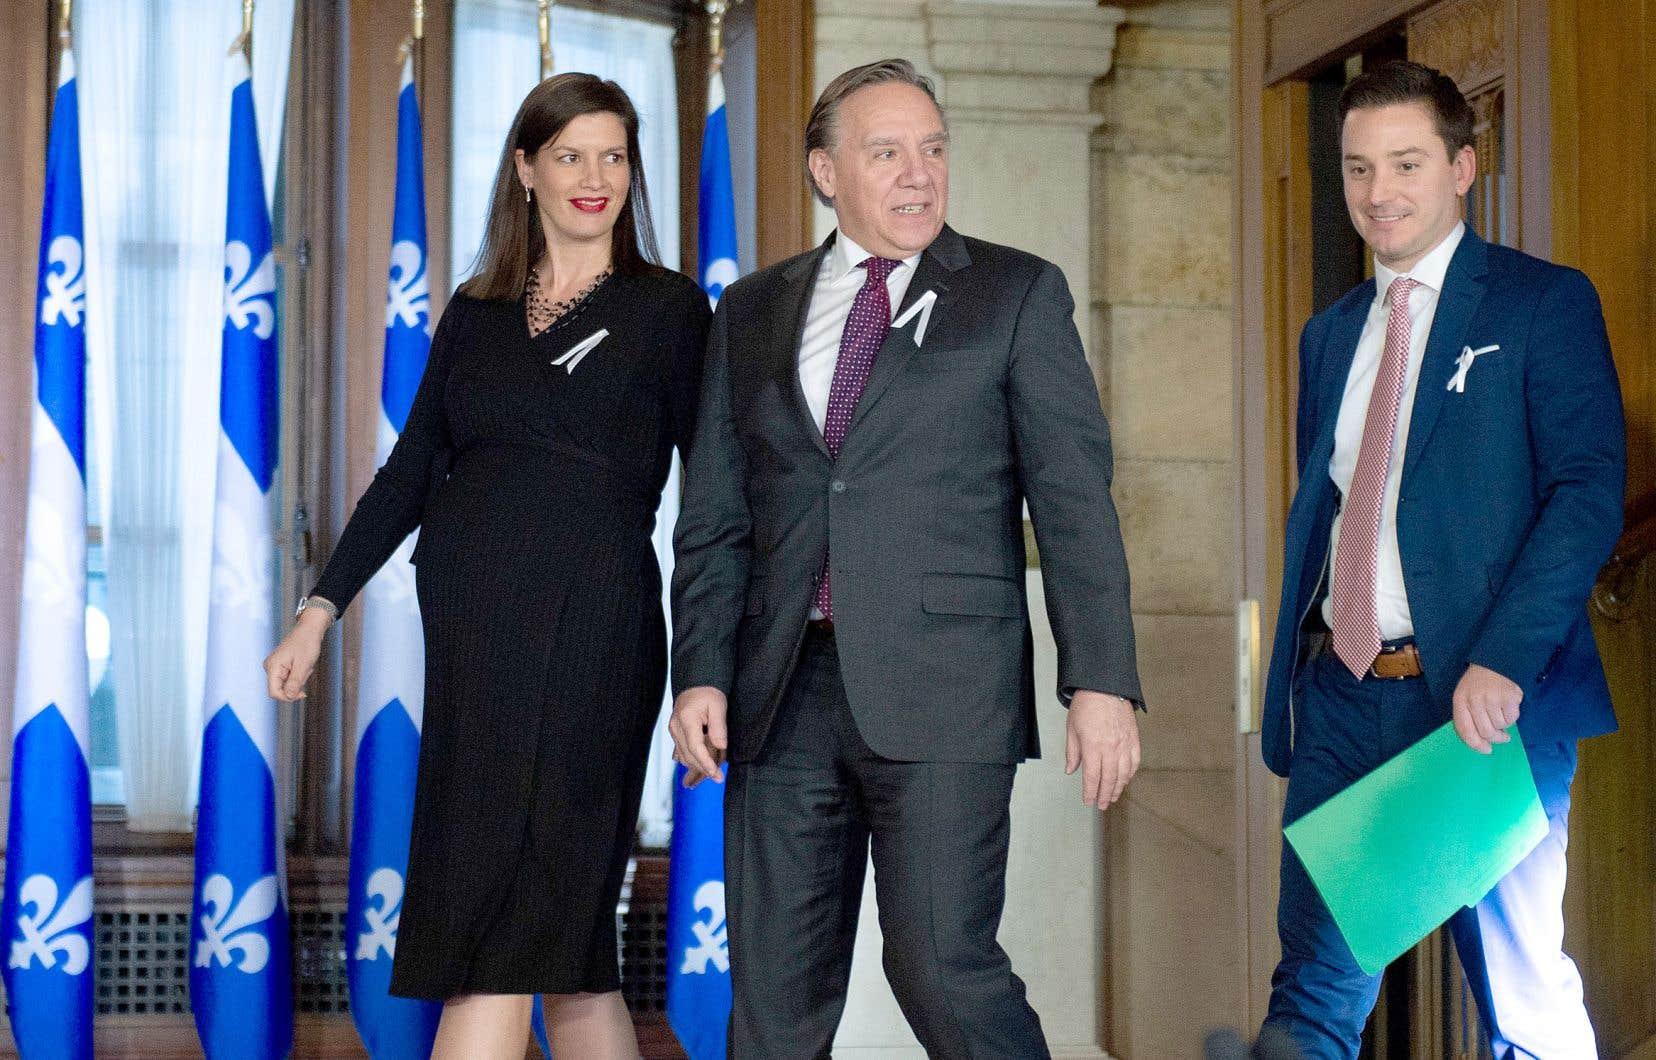 Le premier ministre, François Legault, accompagné de ses ministres Geneviève Guilbault et Simon Jobin-Barrette, ont présenté leur bilan des travaux parlementaires, vendredi, à Québec.